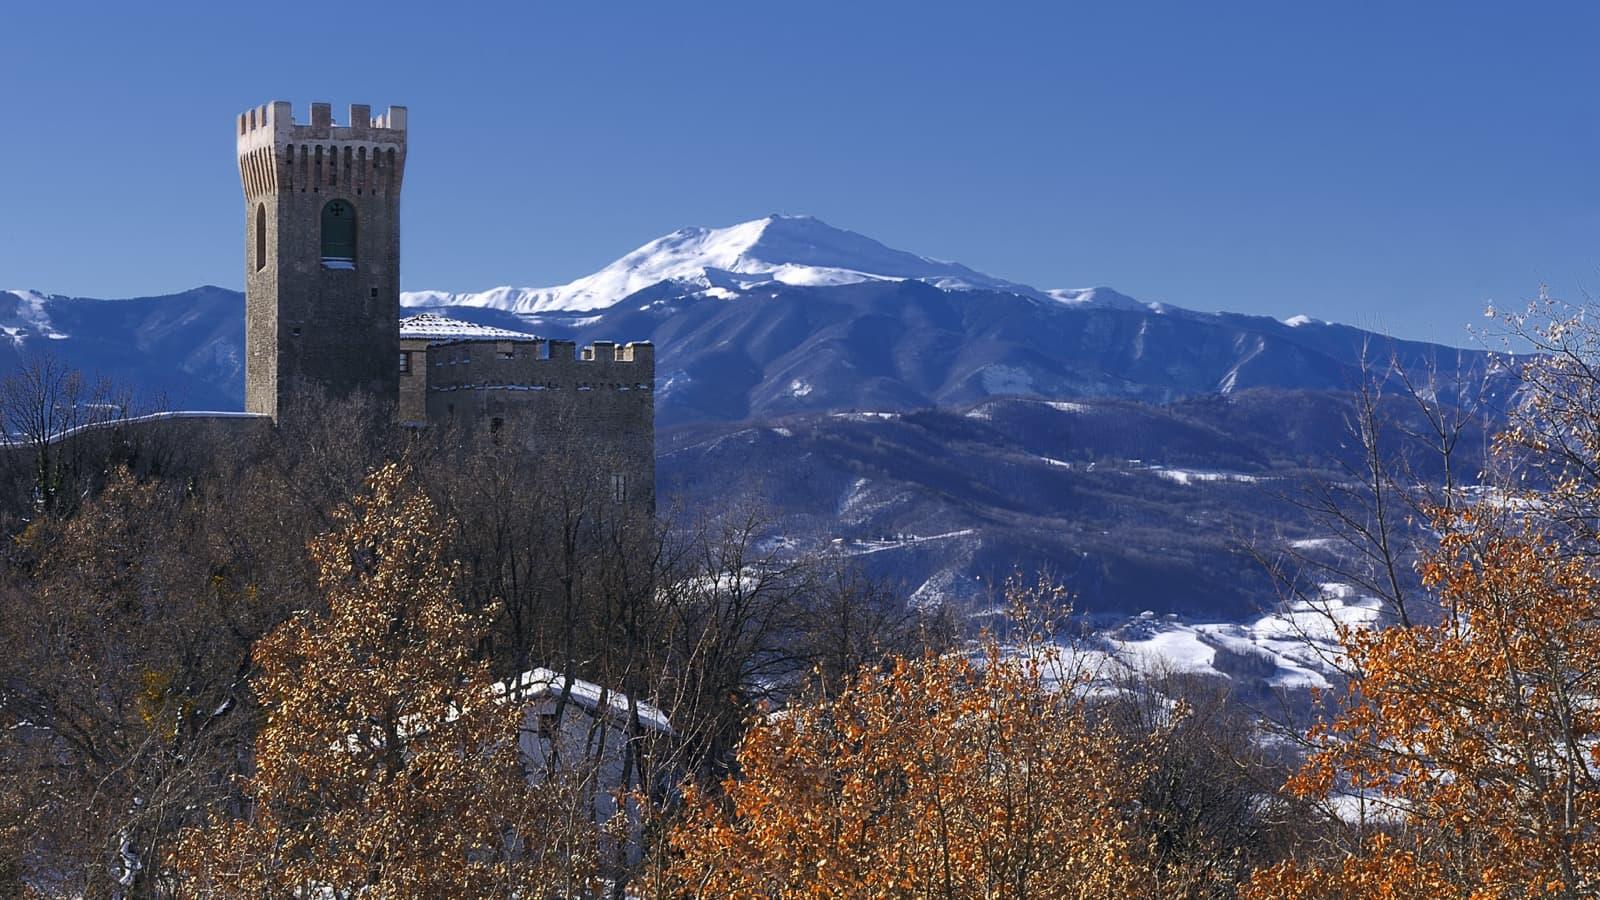 Pavullo nel Frignano (MO), Castello di Montecuccolo-Pavullo nel Frignano (MO), Castello di Montecuccolo | Ph. Valter Turchi WLM2012-CC BY-SA 3.0